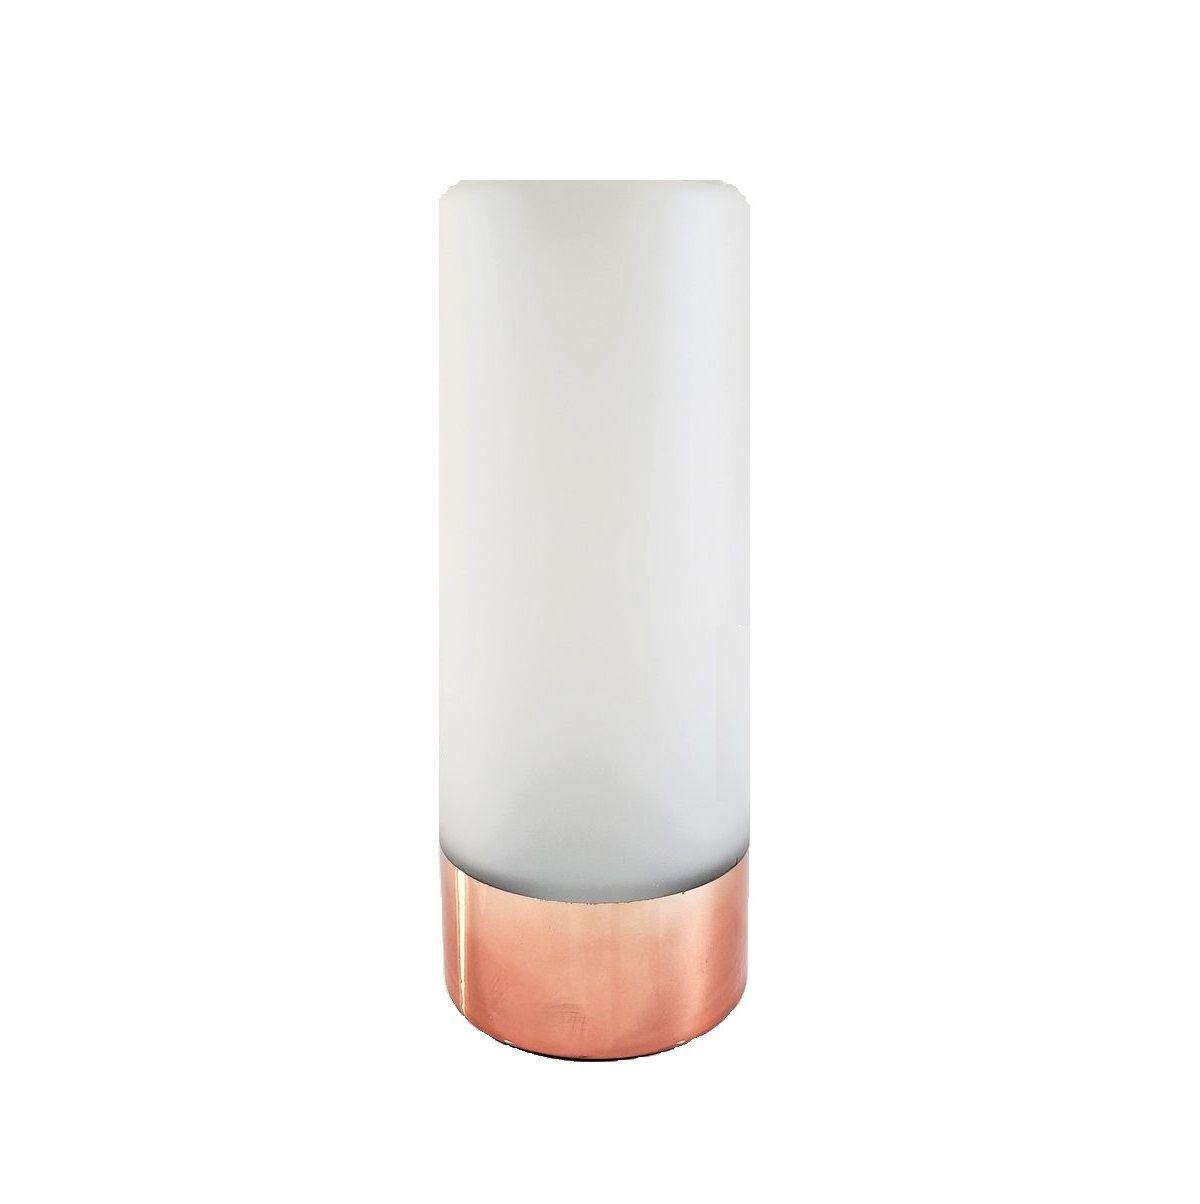 Vaso de Vidro Branco Fosco com Rosé Gold  24cm